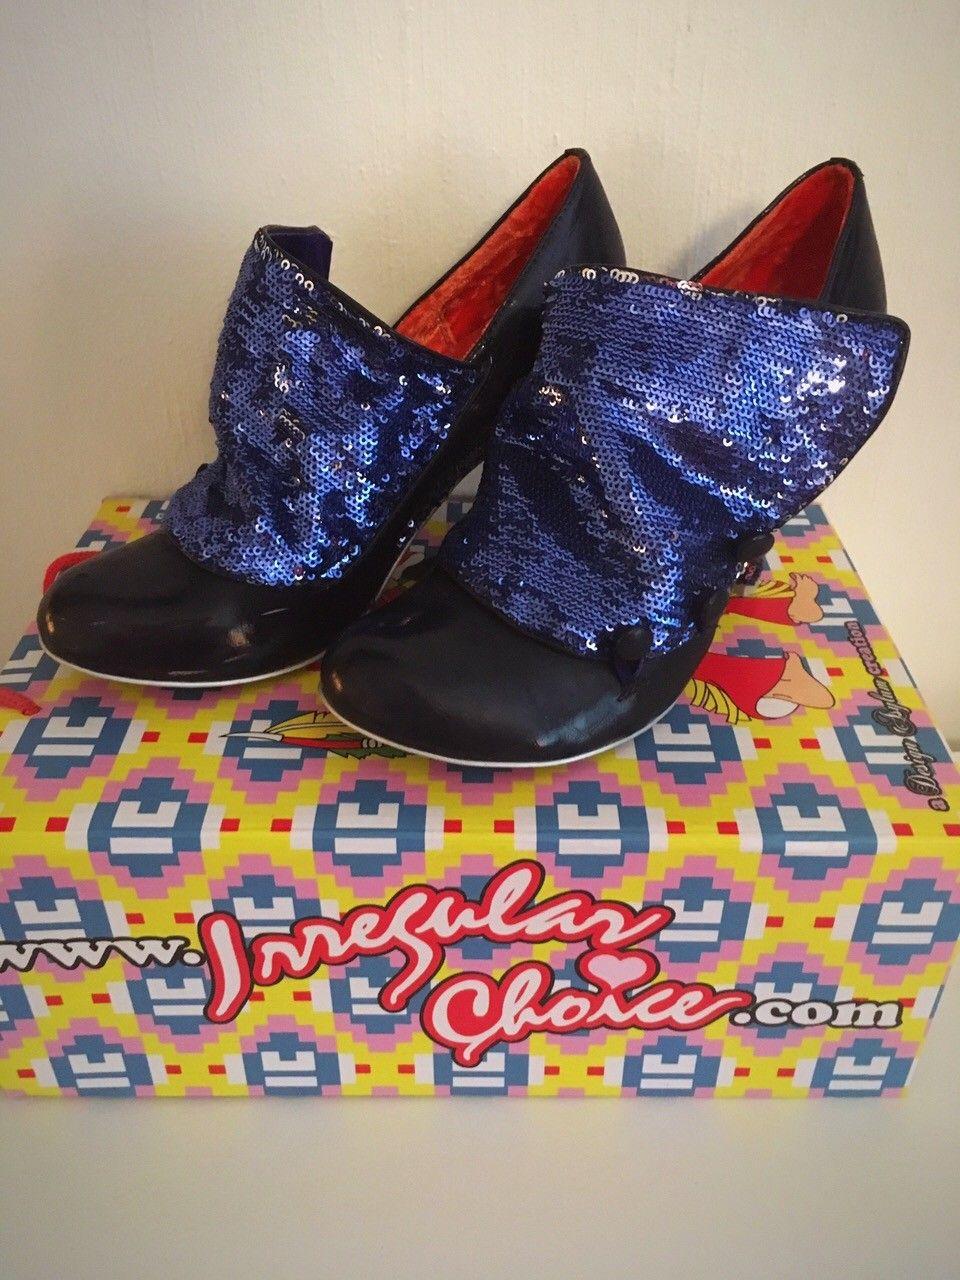 Høyhelte sko fra Irregular Choice - Oslo  - Sko fra Irregular Choice. Selger fordi de er for store. Brukt kun én gang, fått et par slitestreker på innsiden av skoene (se bilde).   Esken følger med. - Oslo